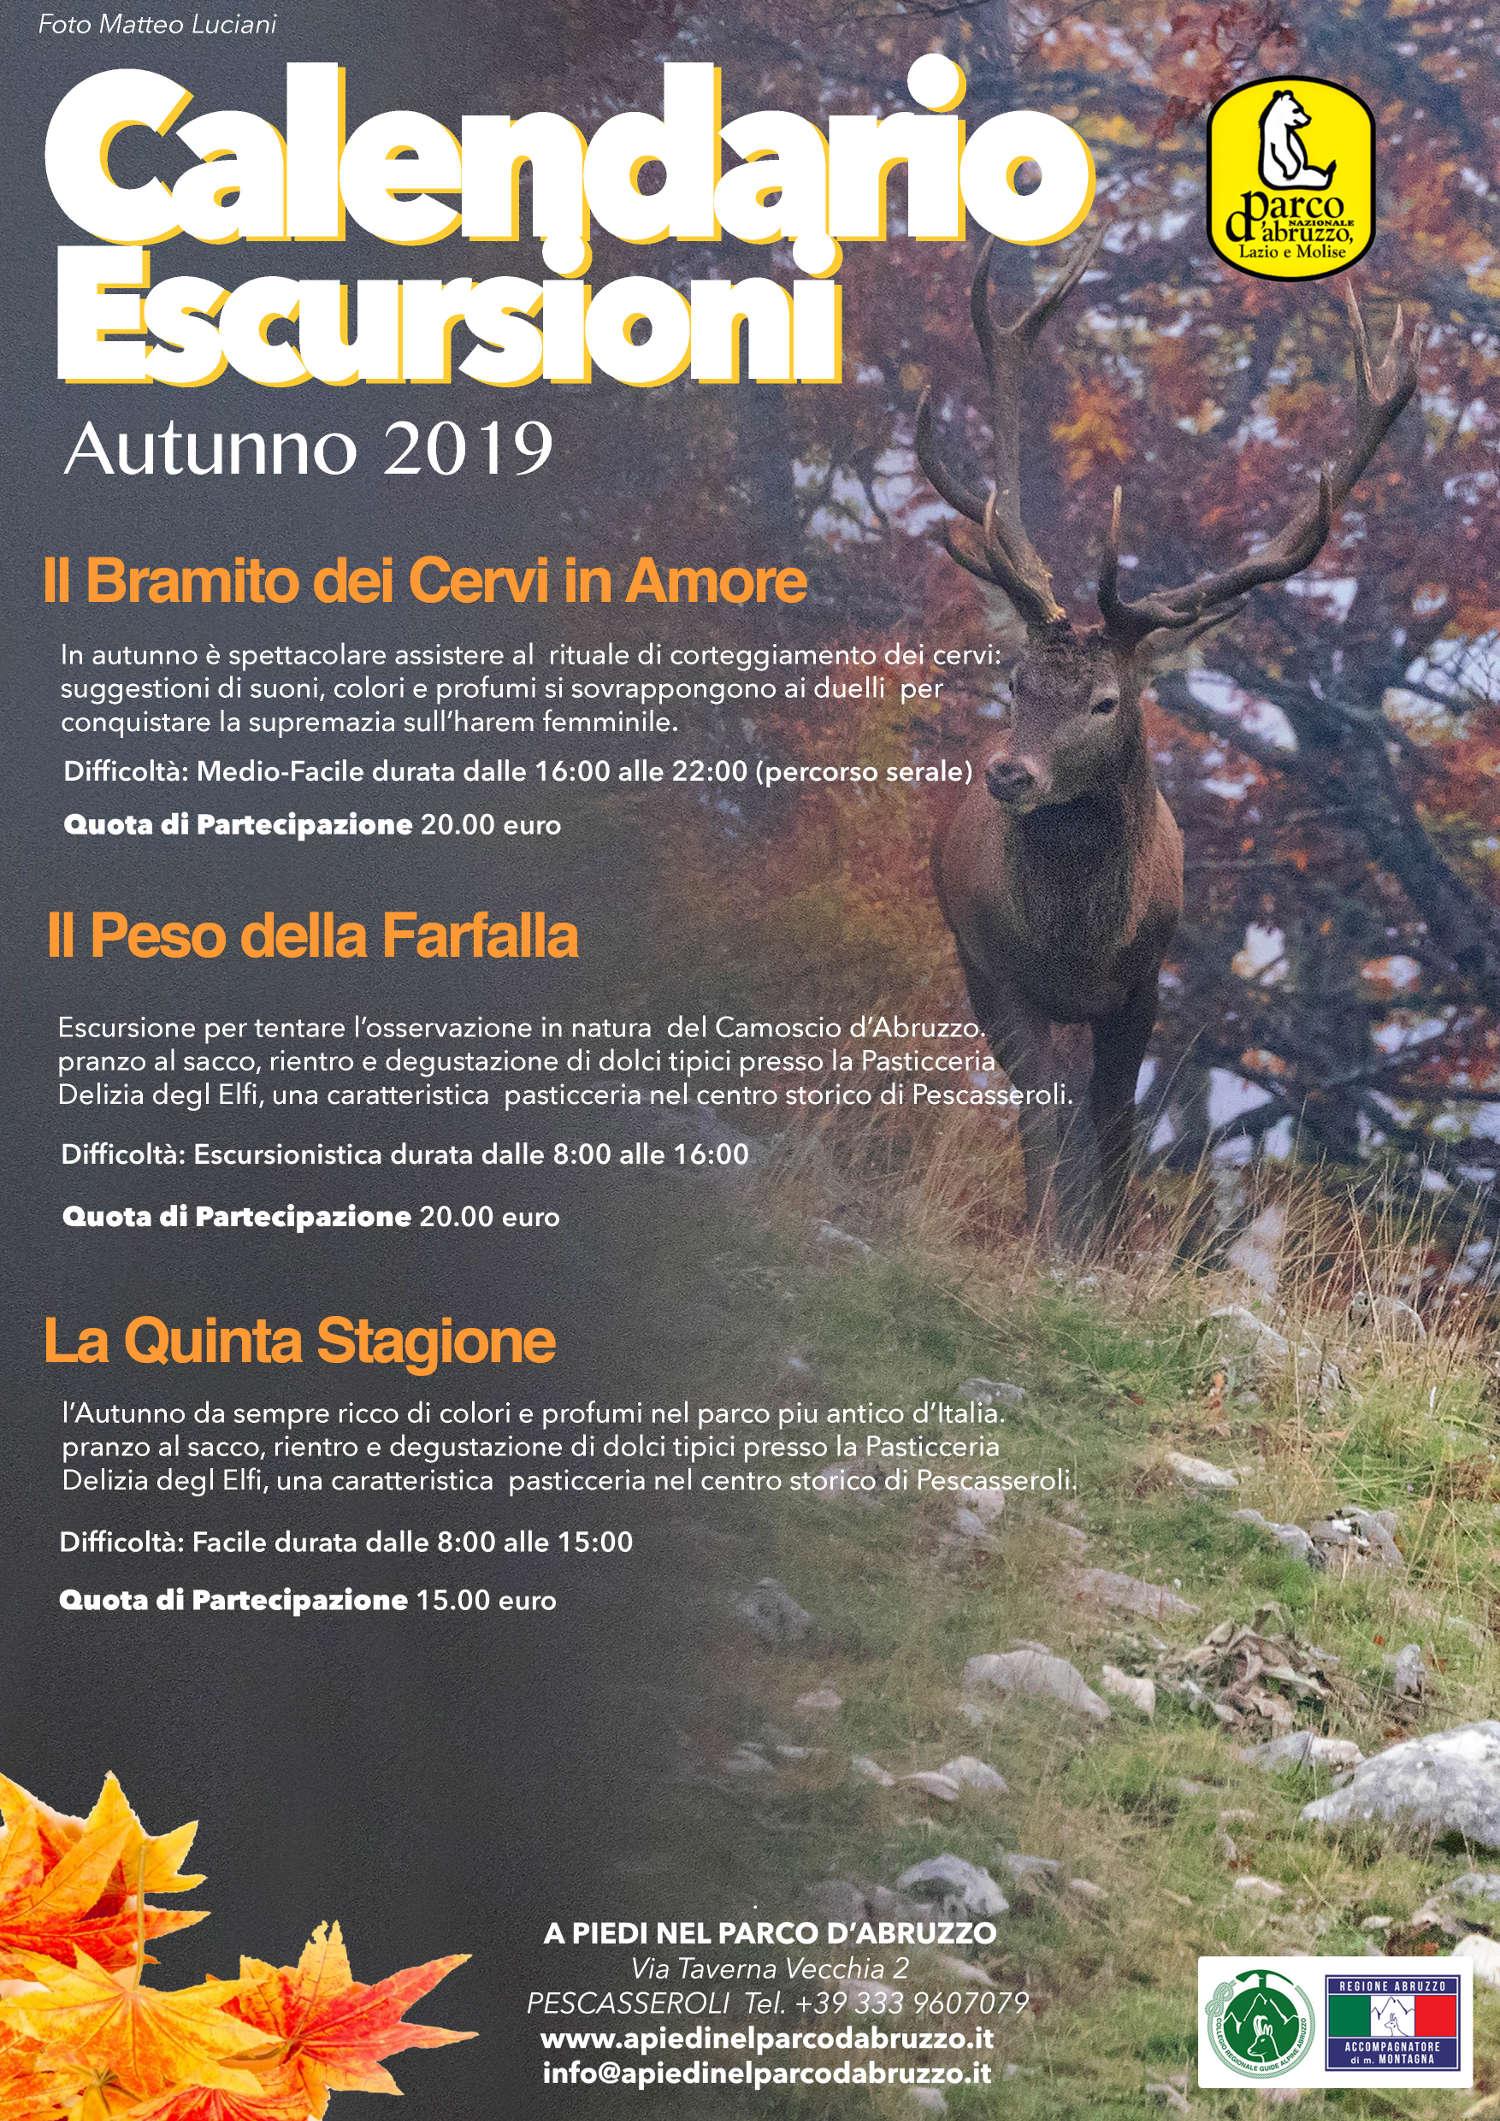 Calendario Escursioni Abruzzo autunno 2019